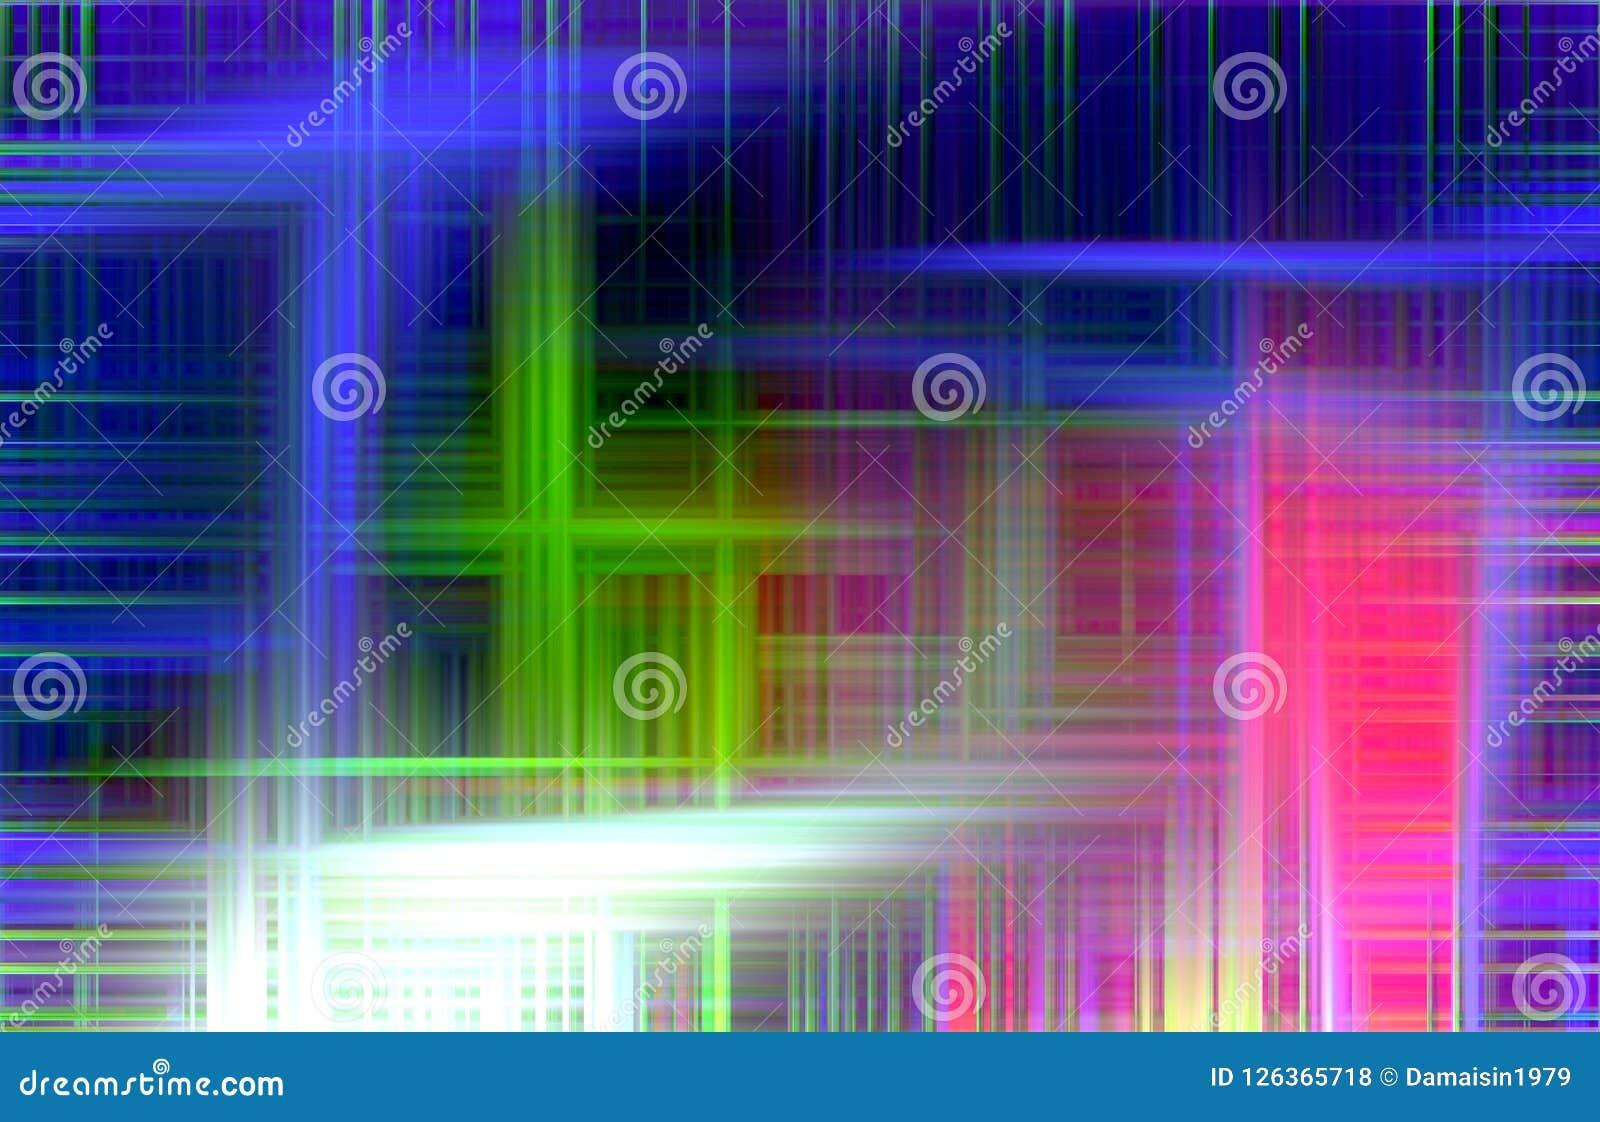 Kontrast wykłada, kolory, linii tło, miękcy mieszanka kontrasty, abstrakcjonistyczne grafika tło abstrakcjonistyczna tekstura